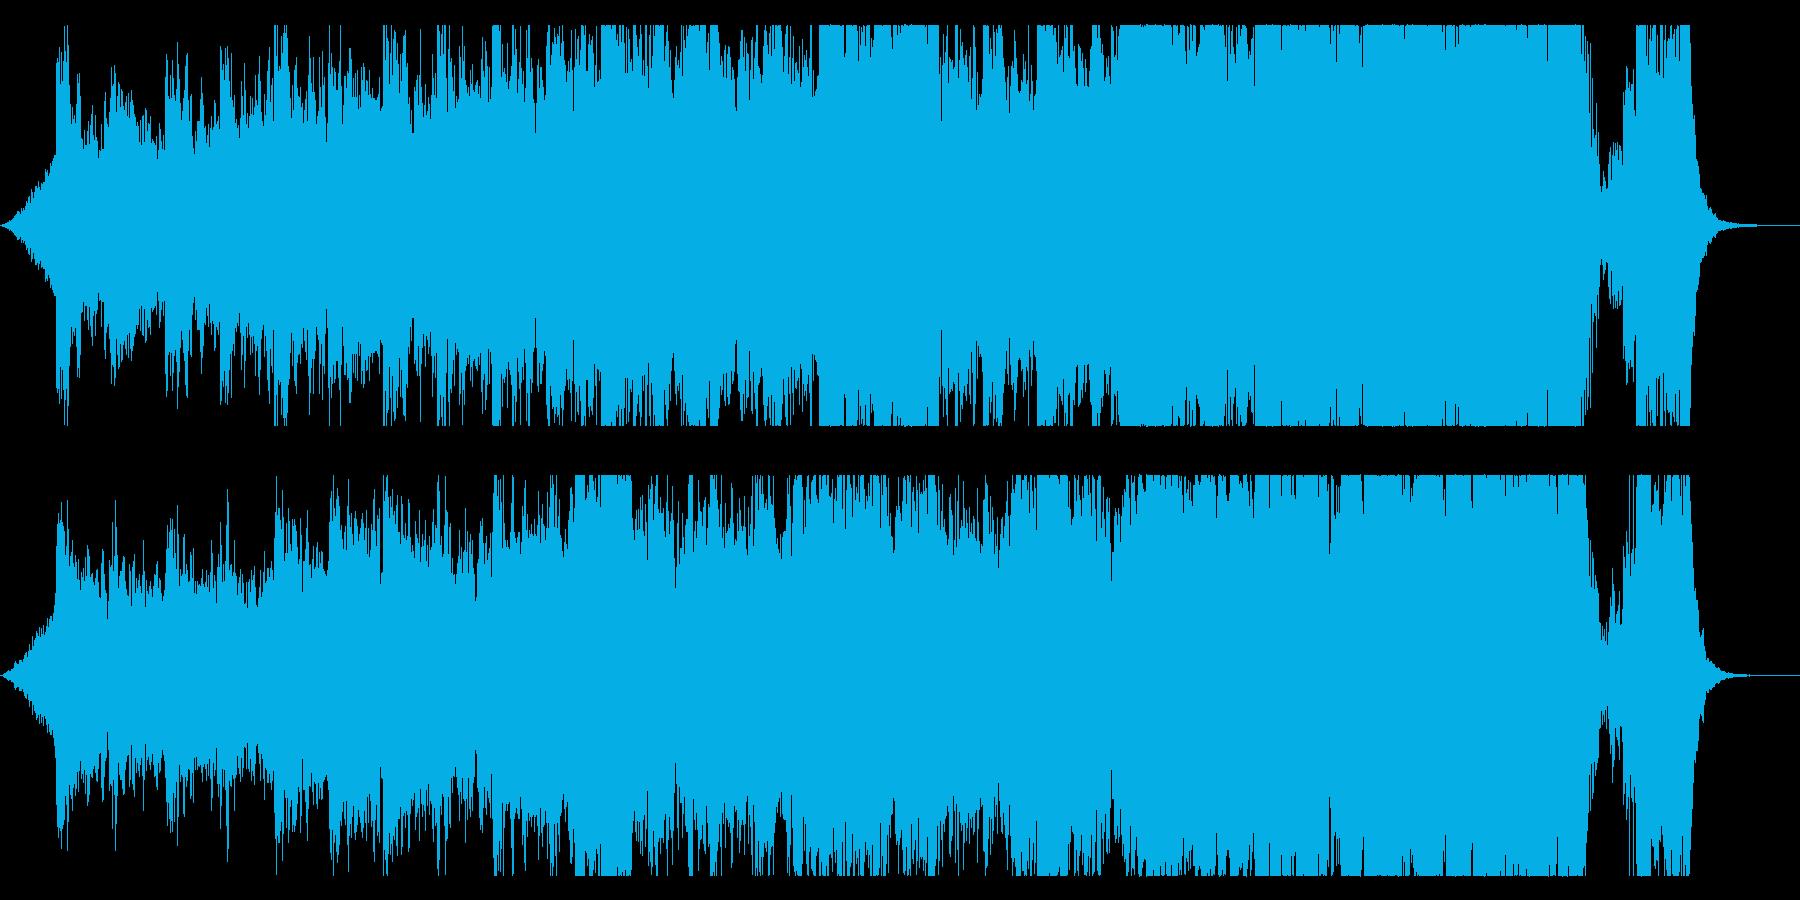 ハリウッド映画風の壮大なオーケストラ5Aの再生済みの波形